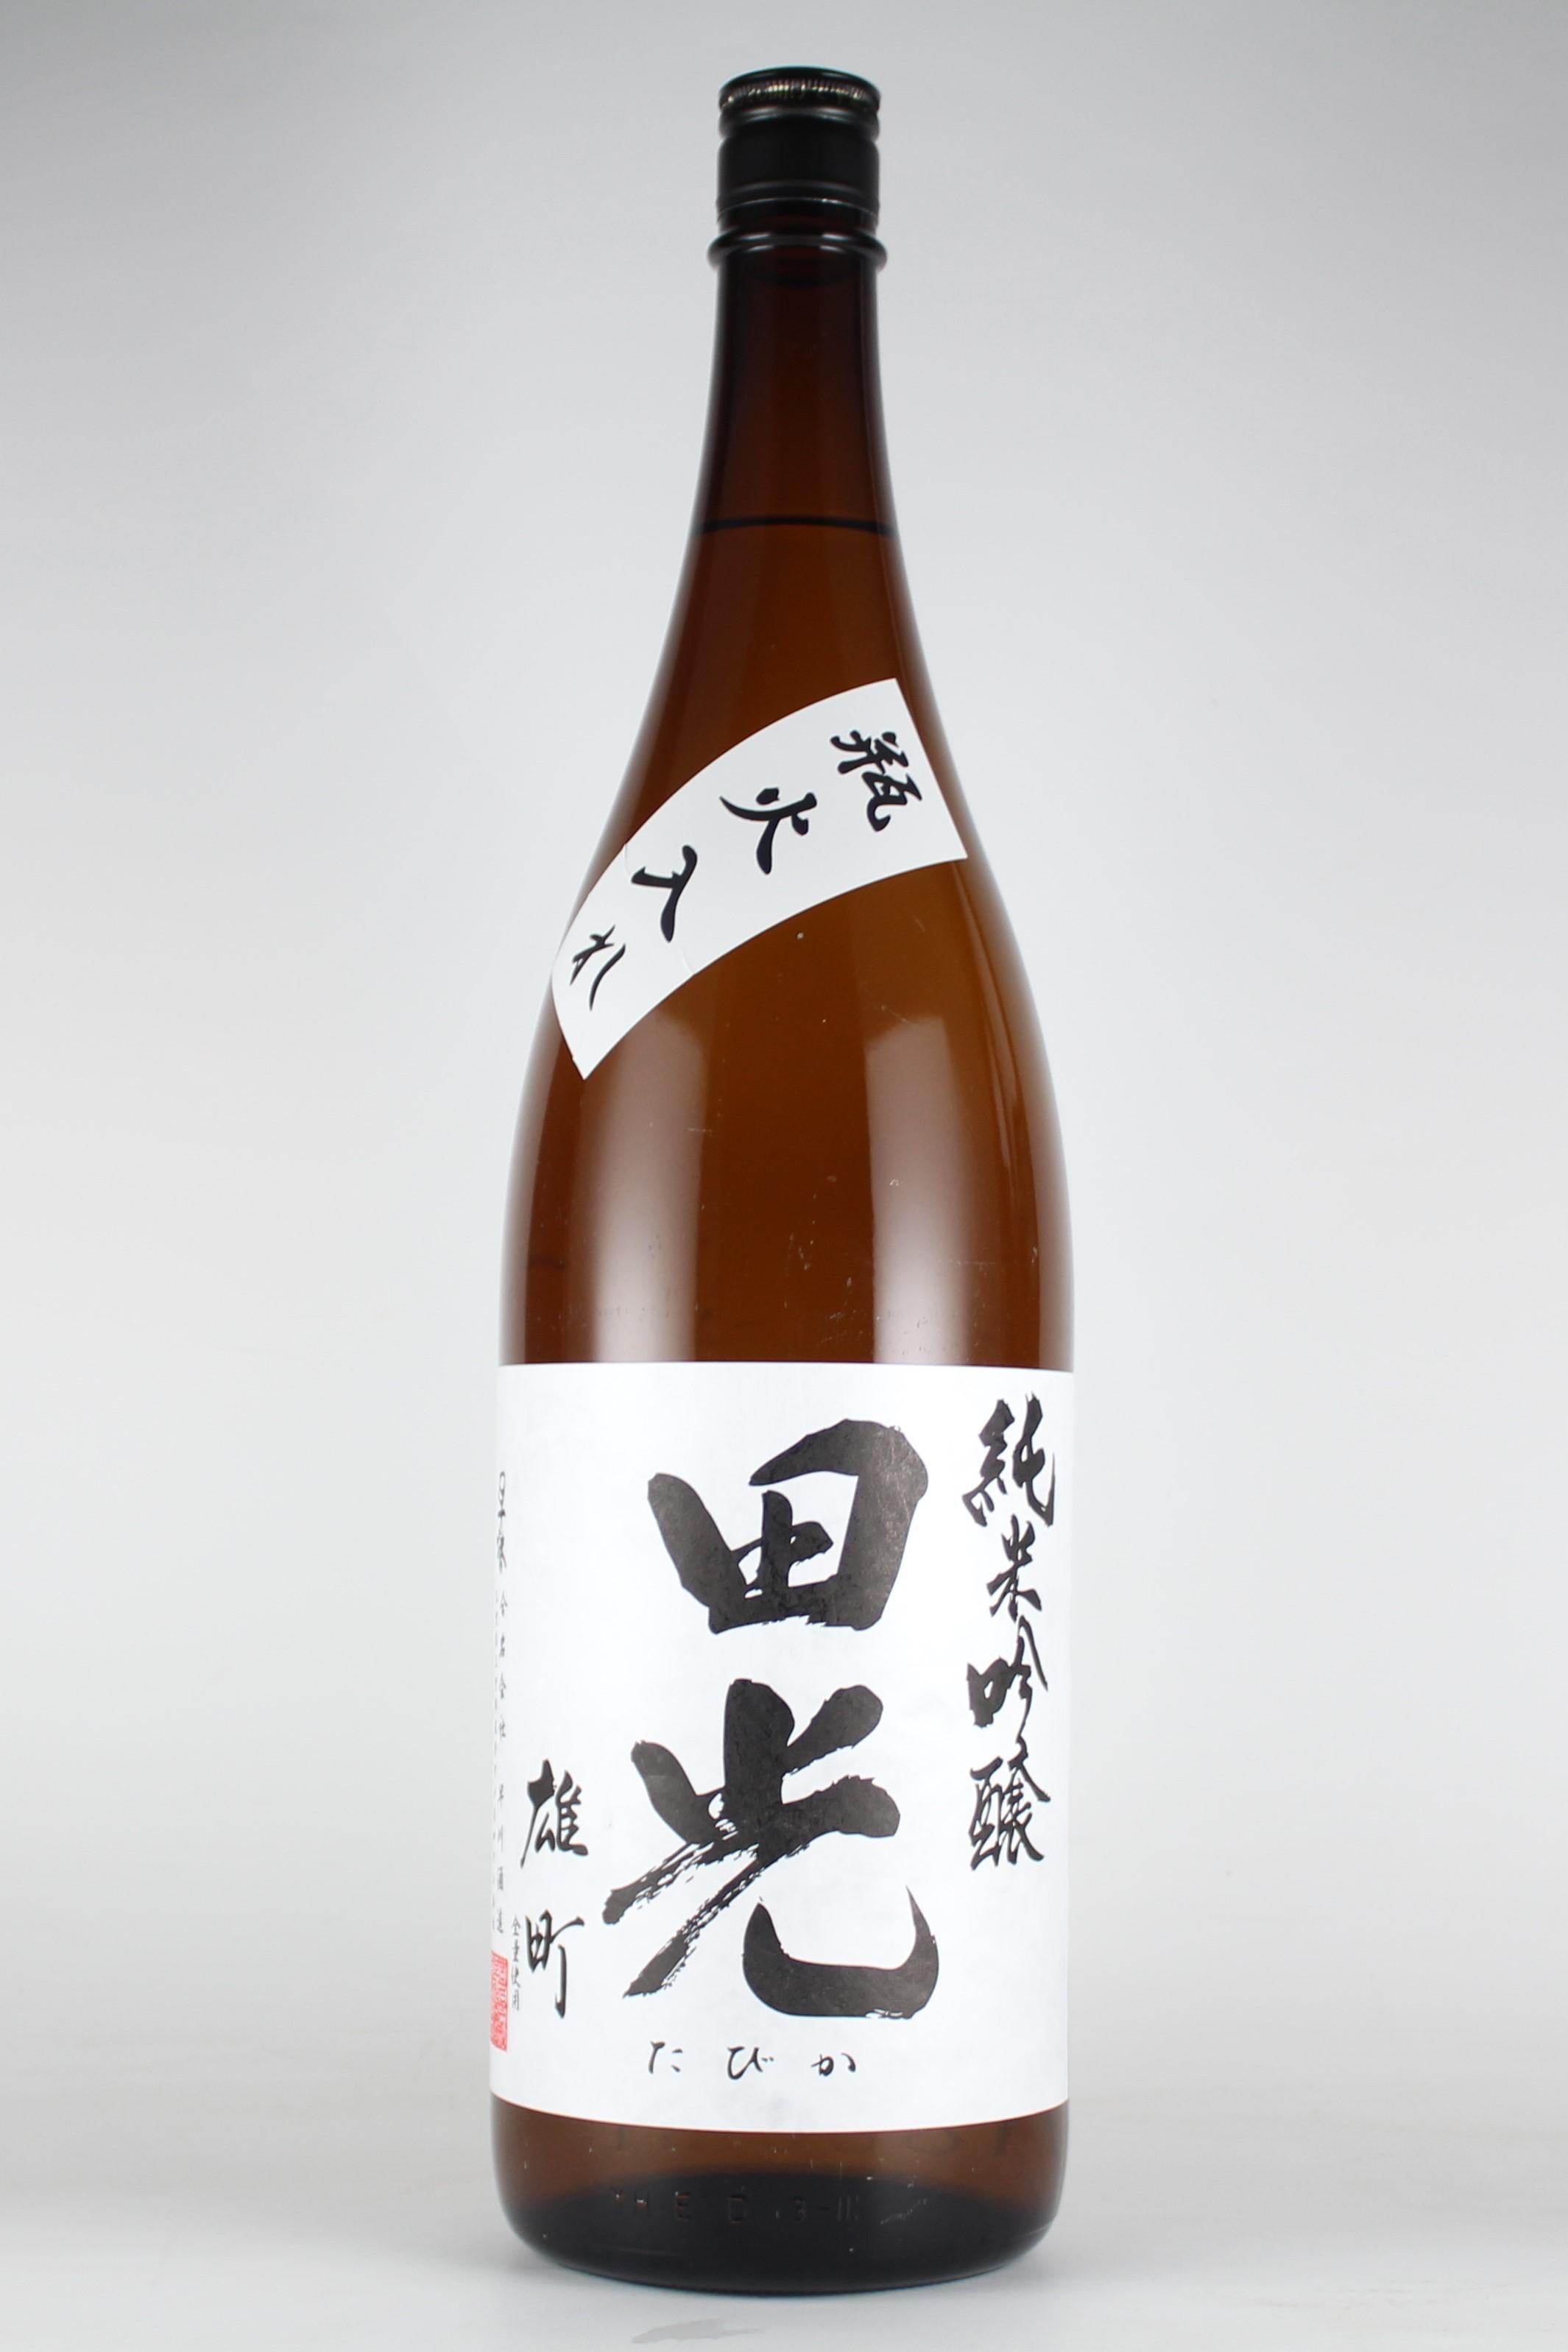 田光 純米吟醸瓶火入れ 雄町50 1800ml 【三重/早川酒造】